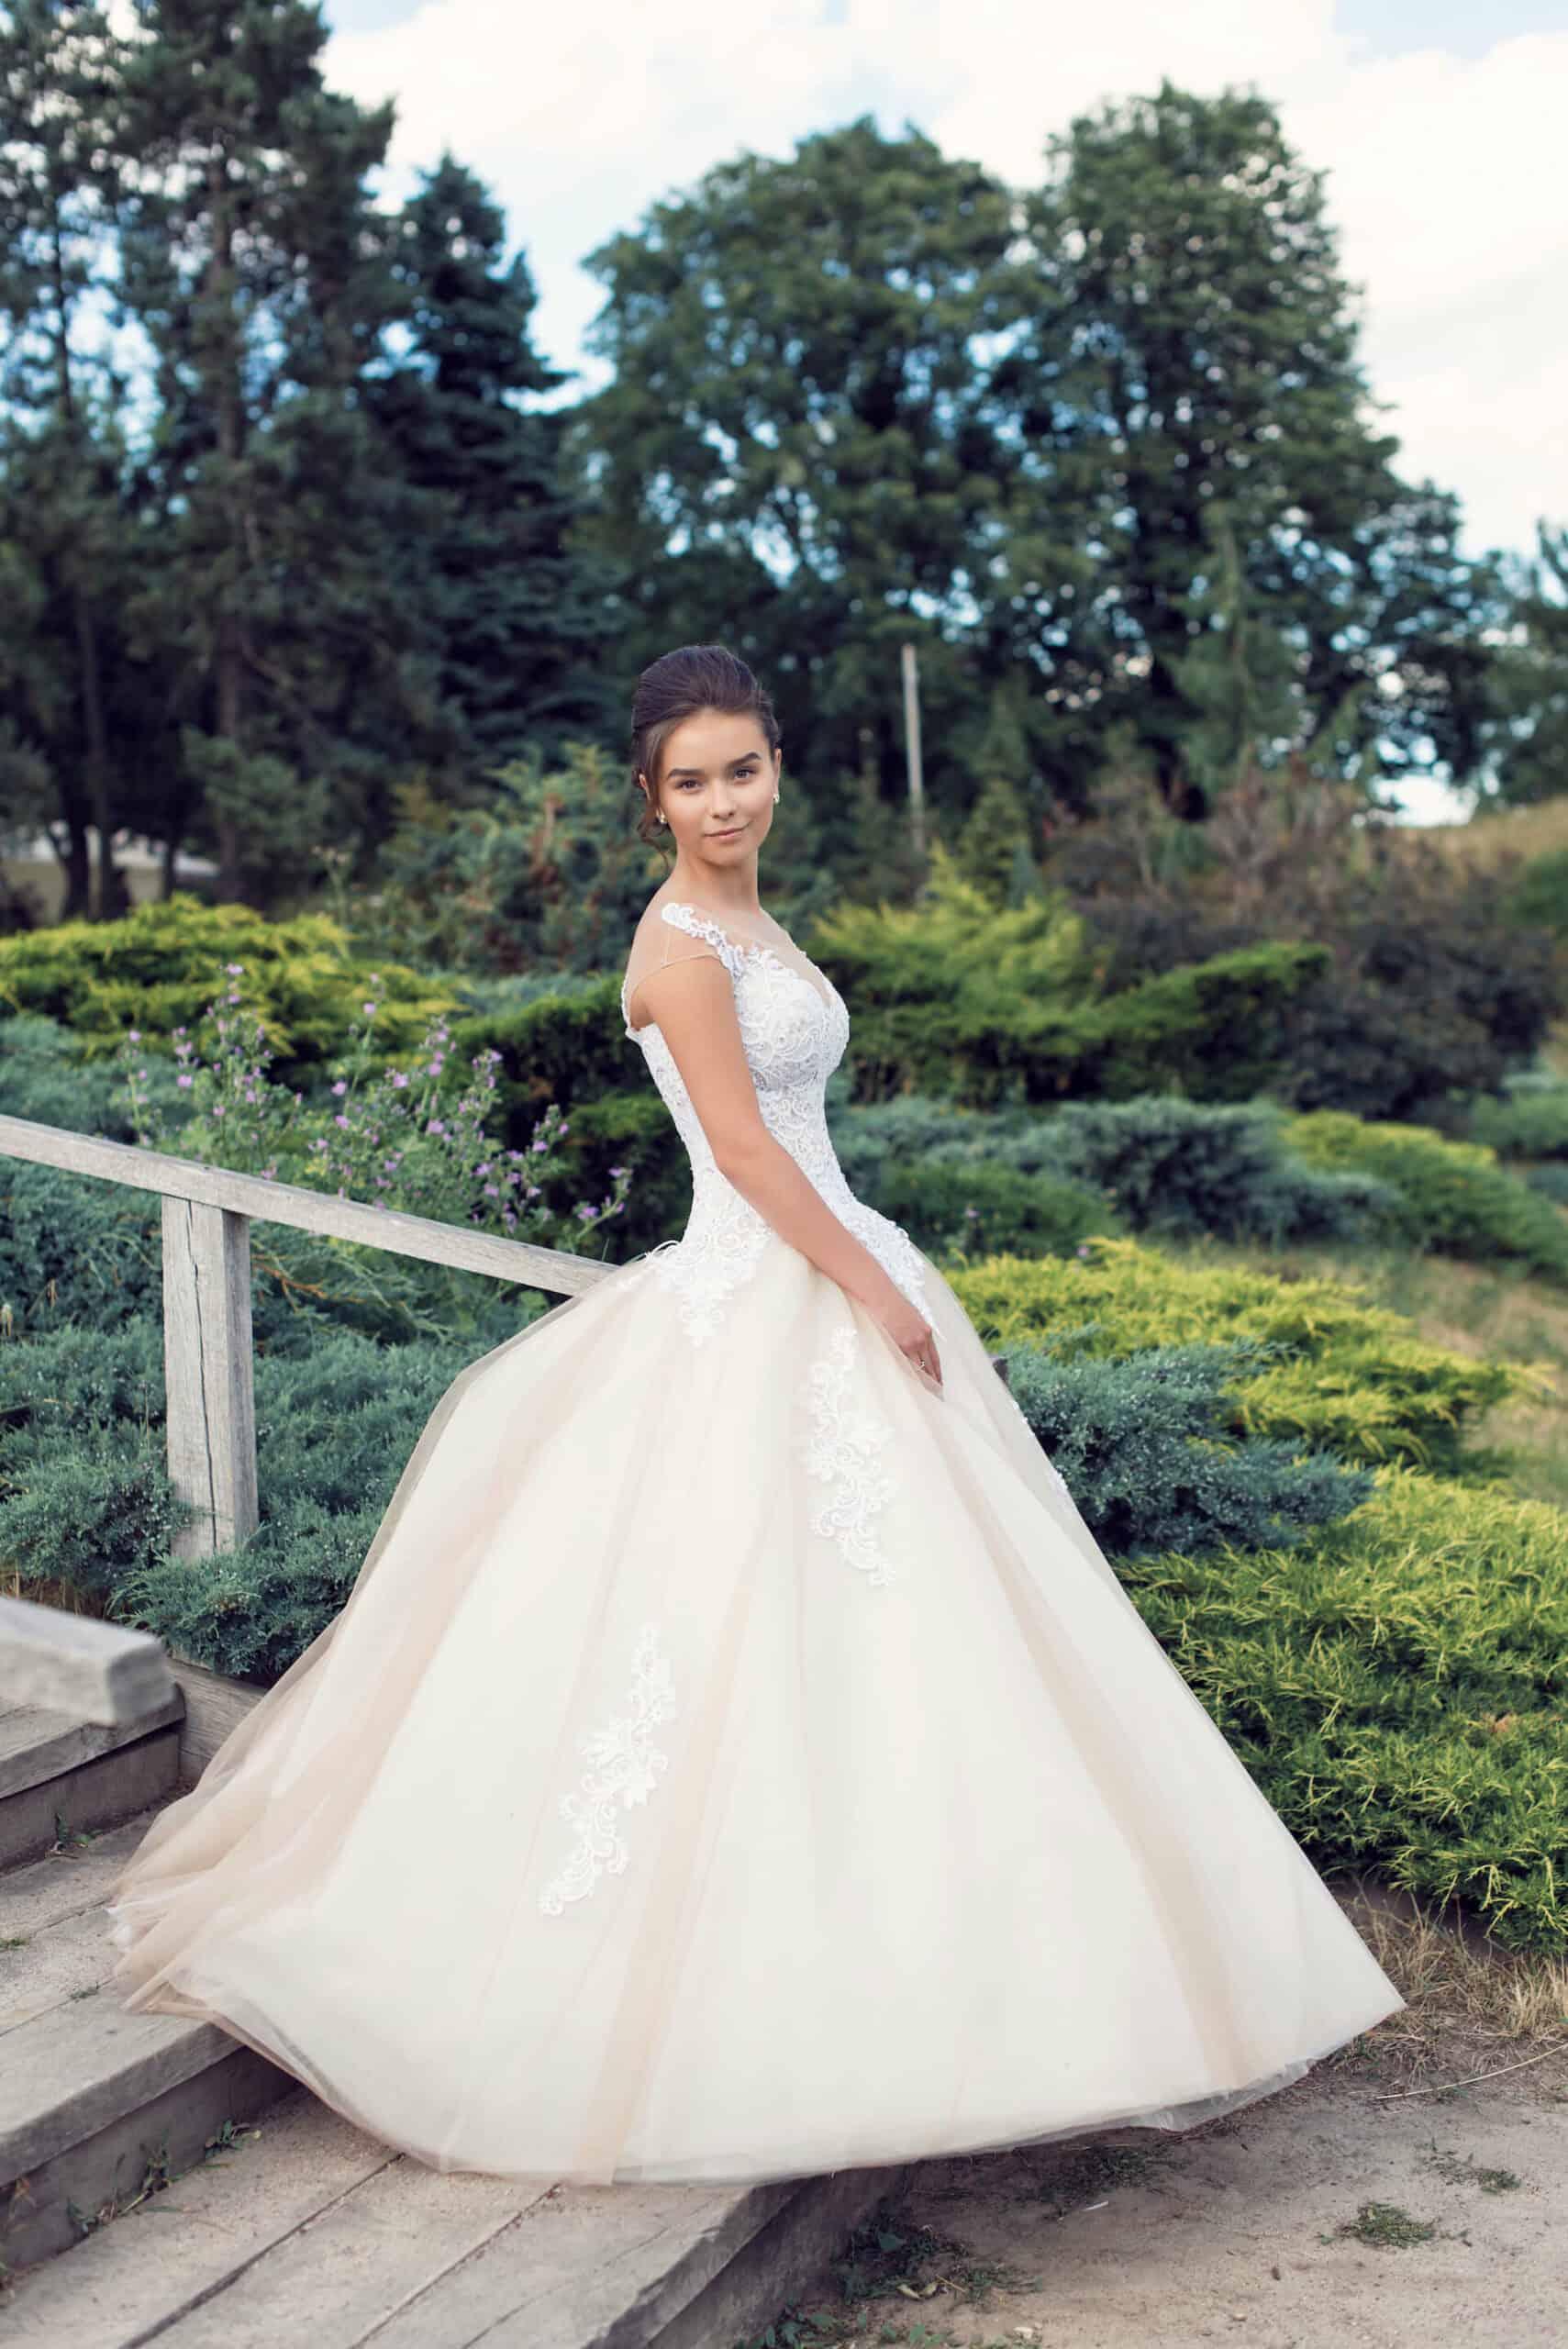 Půvabná nevěsta v zahradě ve svatebních šatech